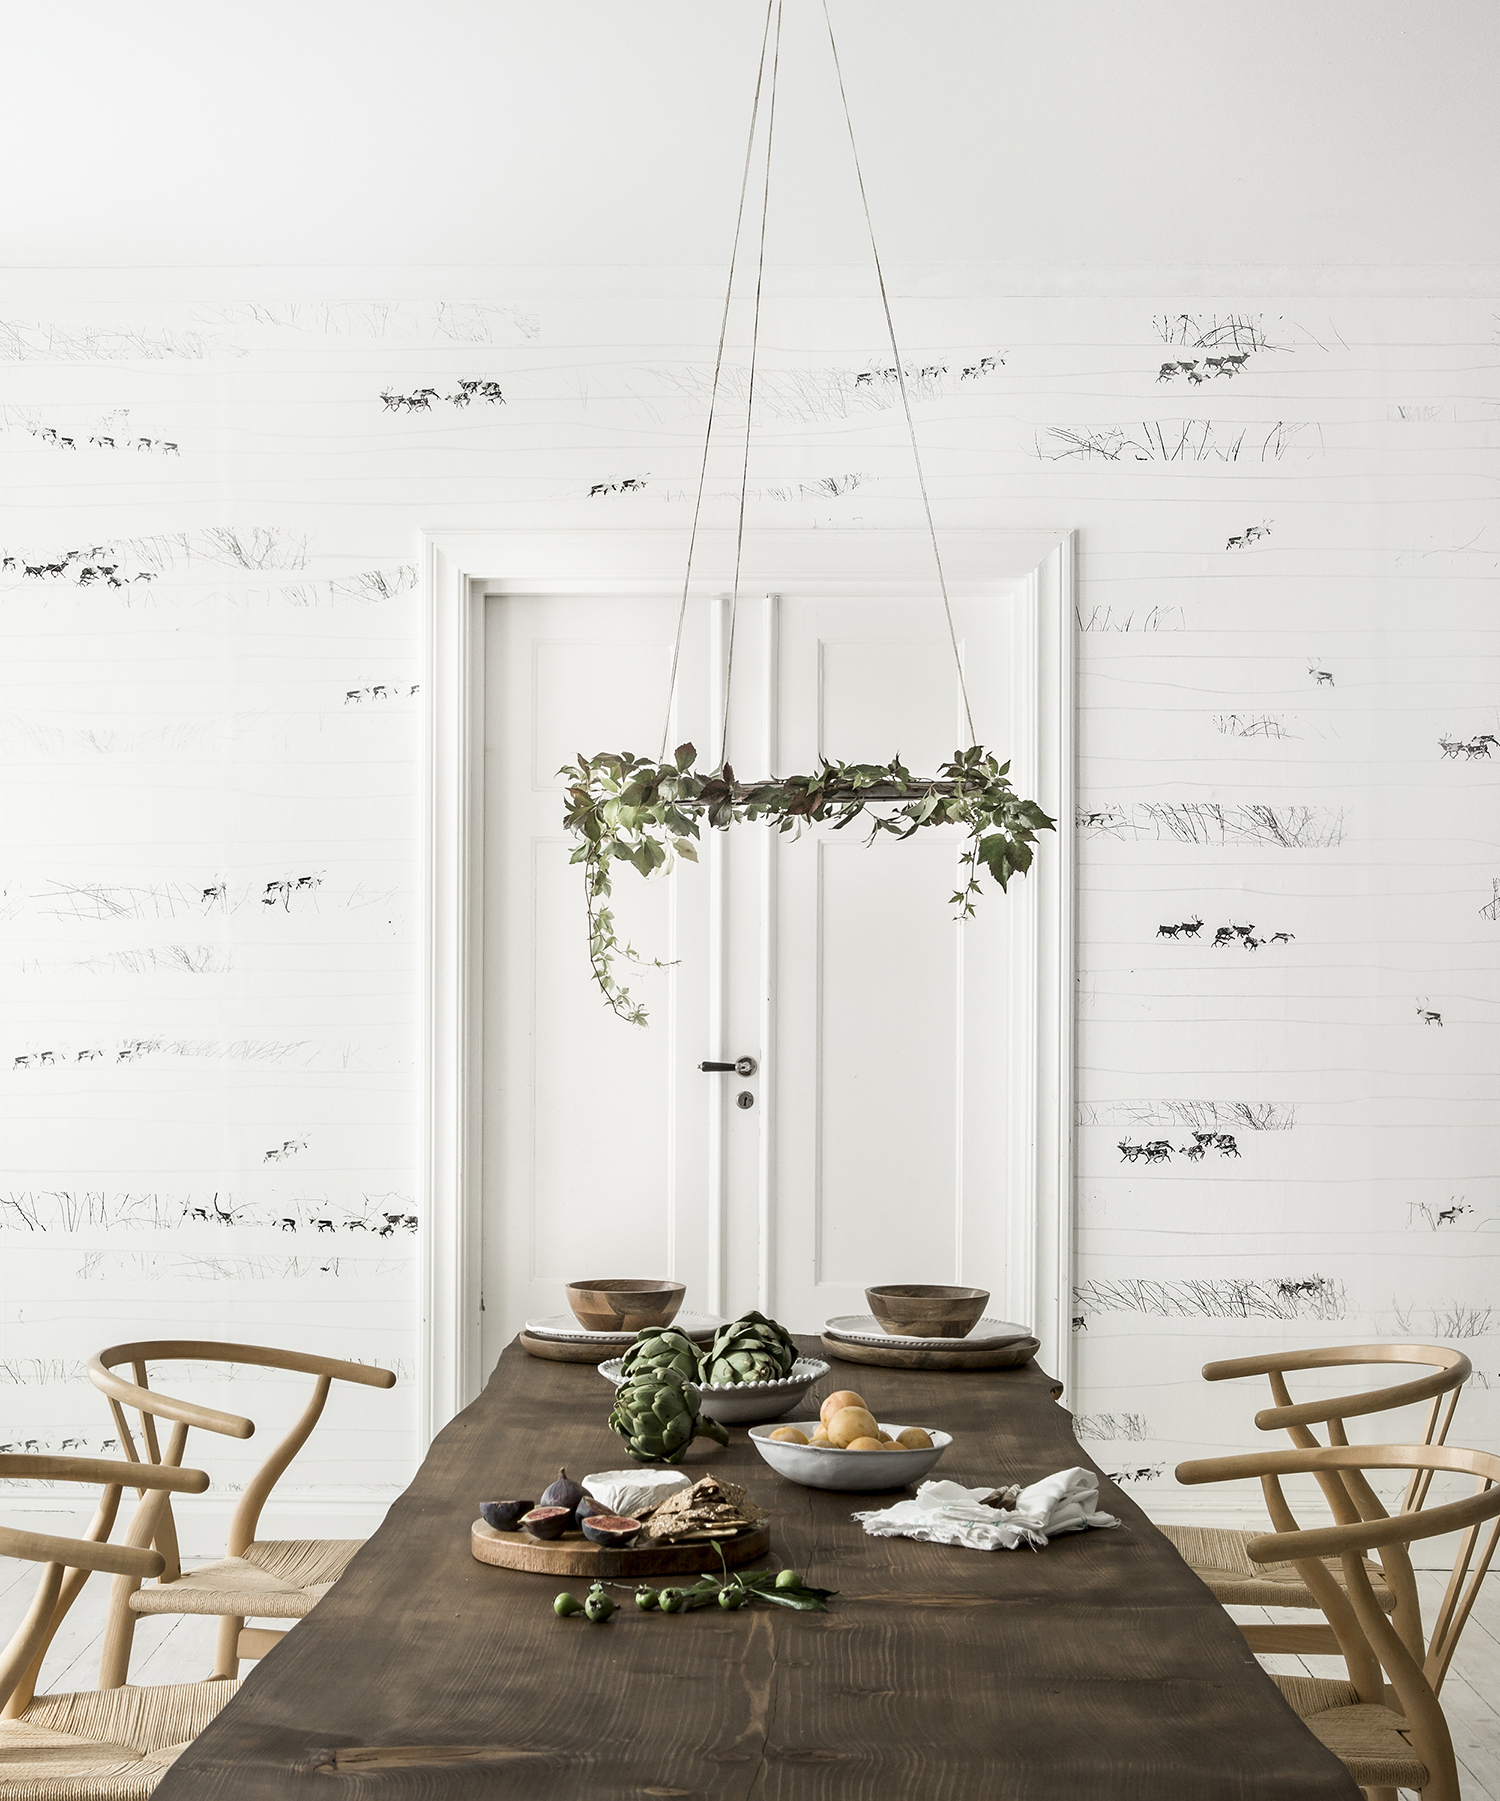 Photowall - Nordic moods